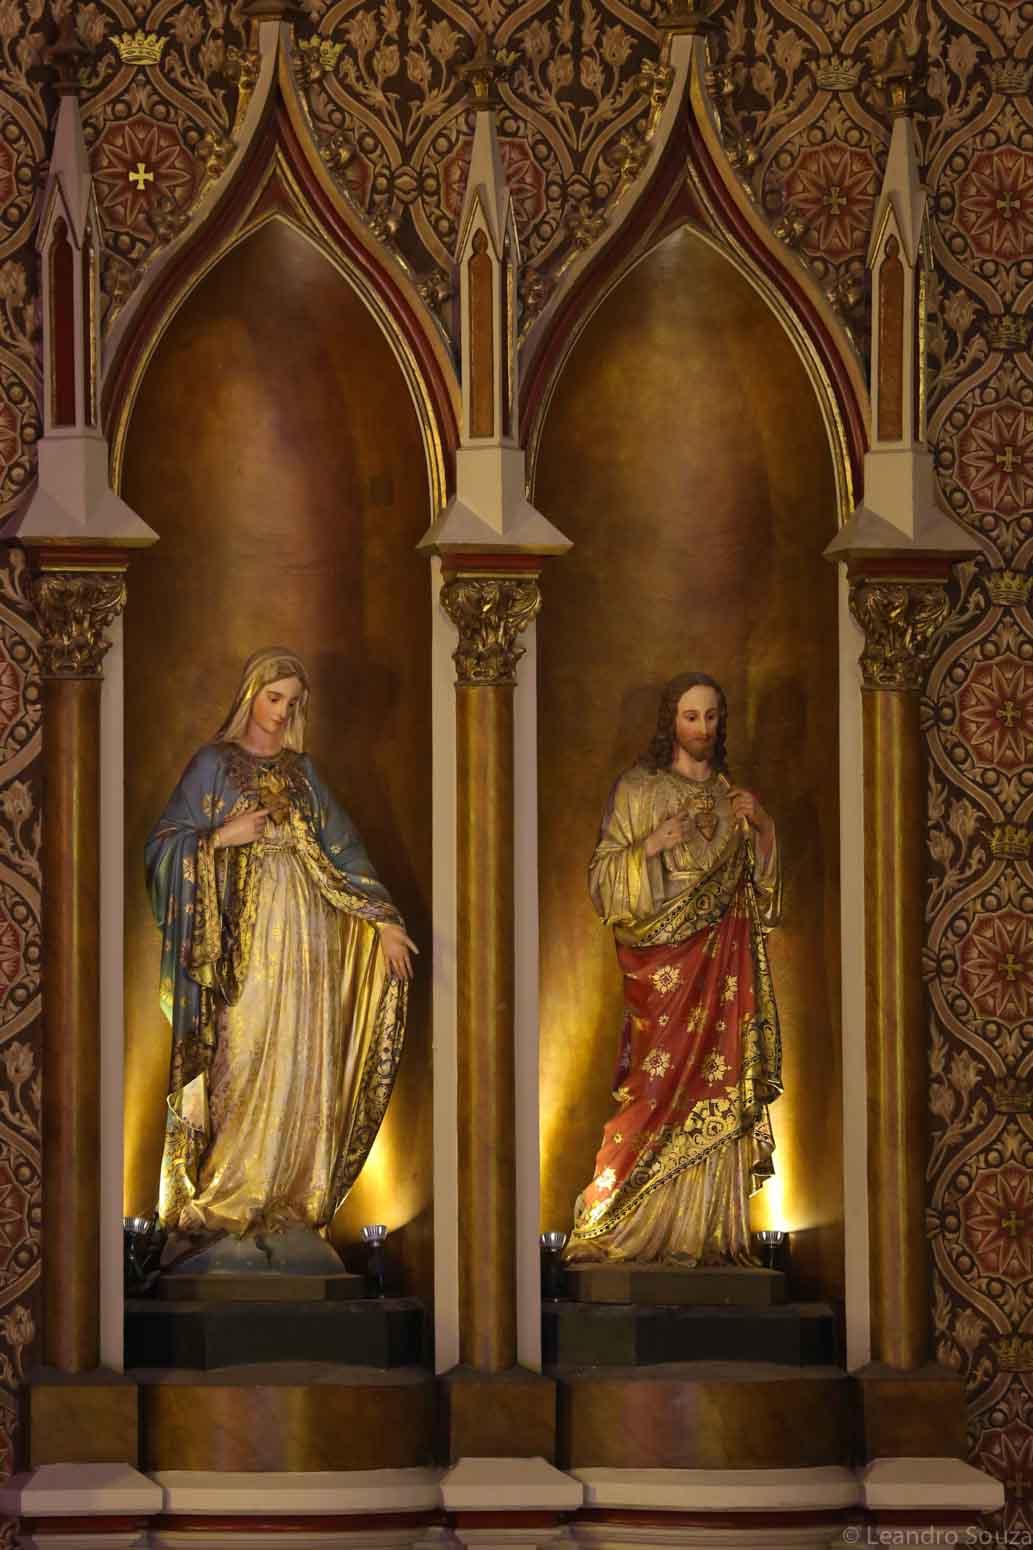 cerimonia-da-primeiro-sabado-na-catedral-de-curitiba-com-participacao-dos-arautos-do-evangelho-da-casa-divina-providencia-3